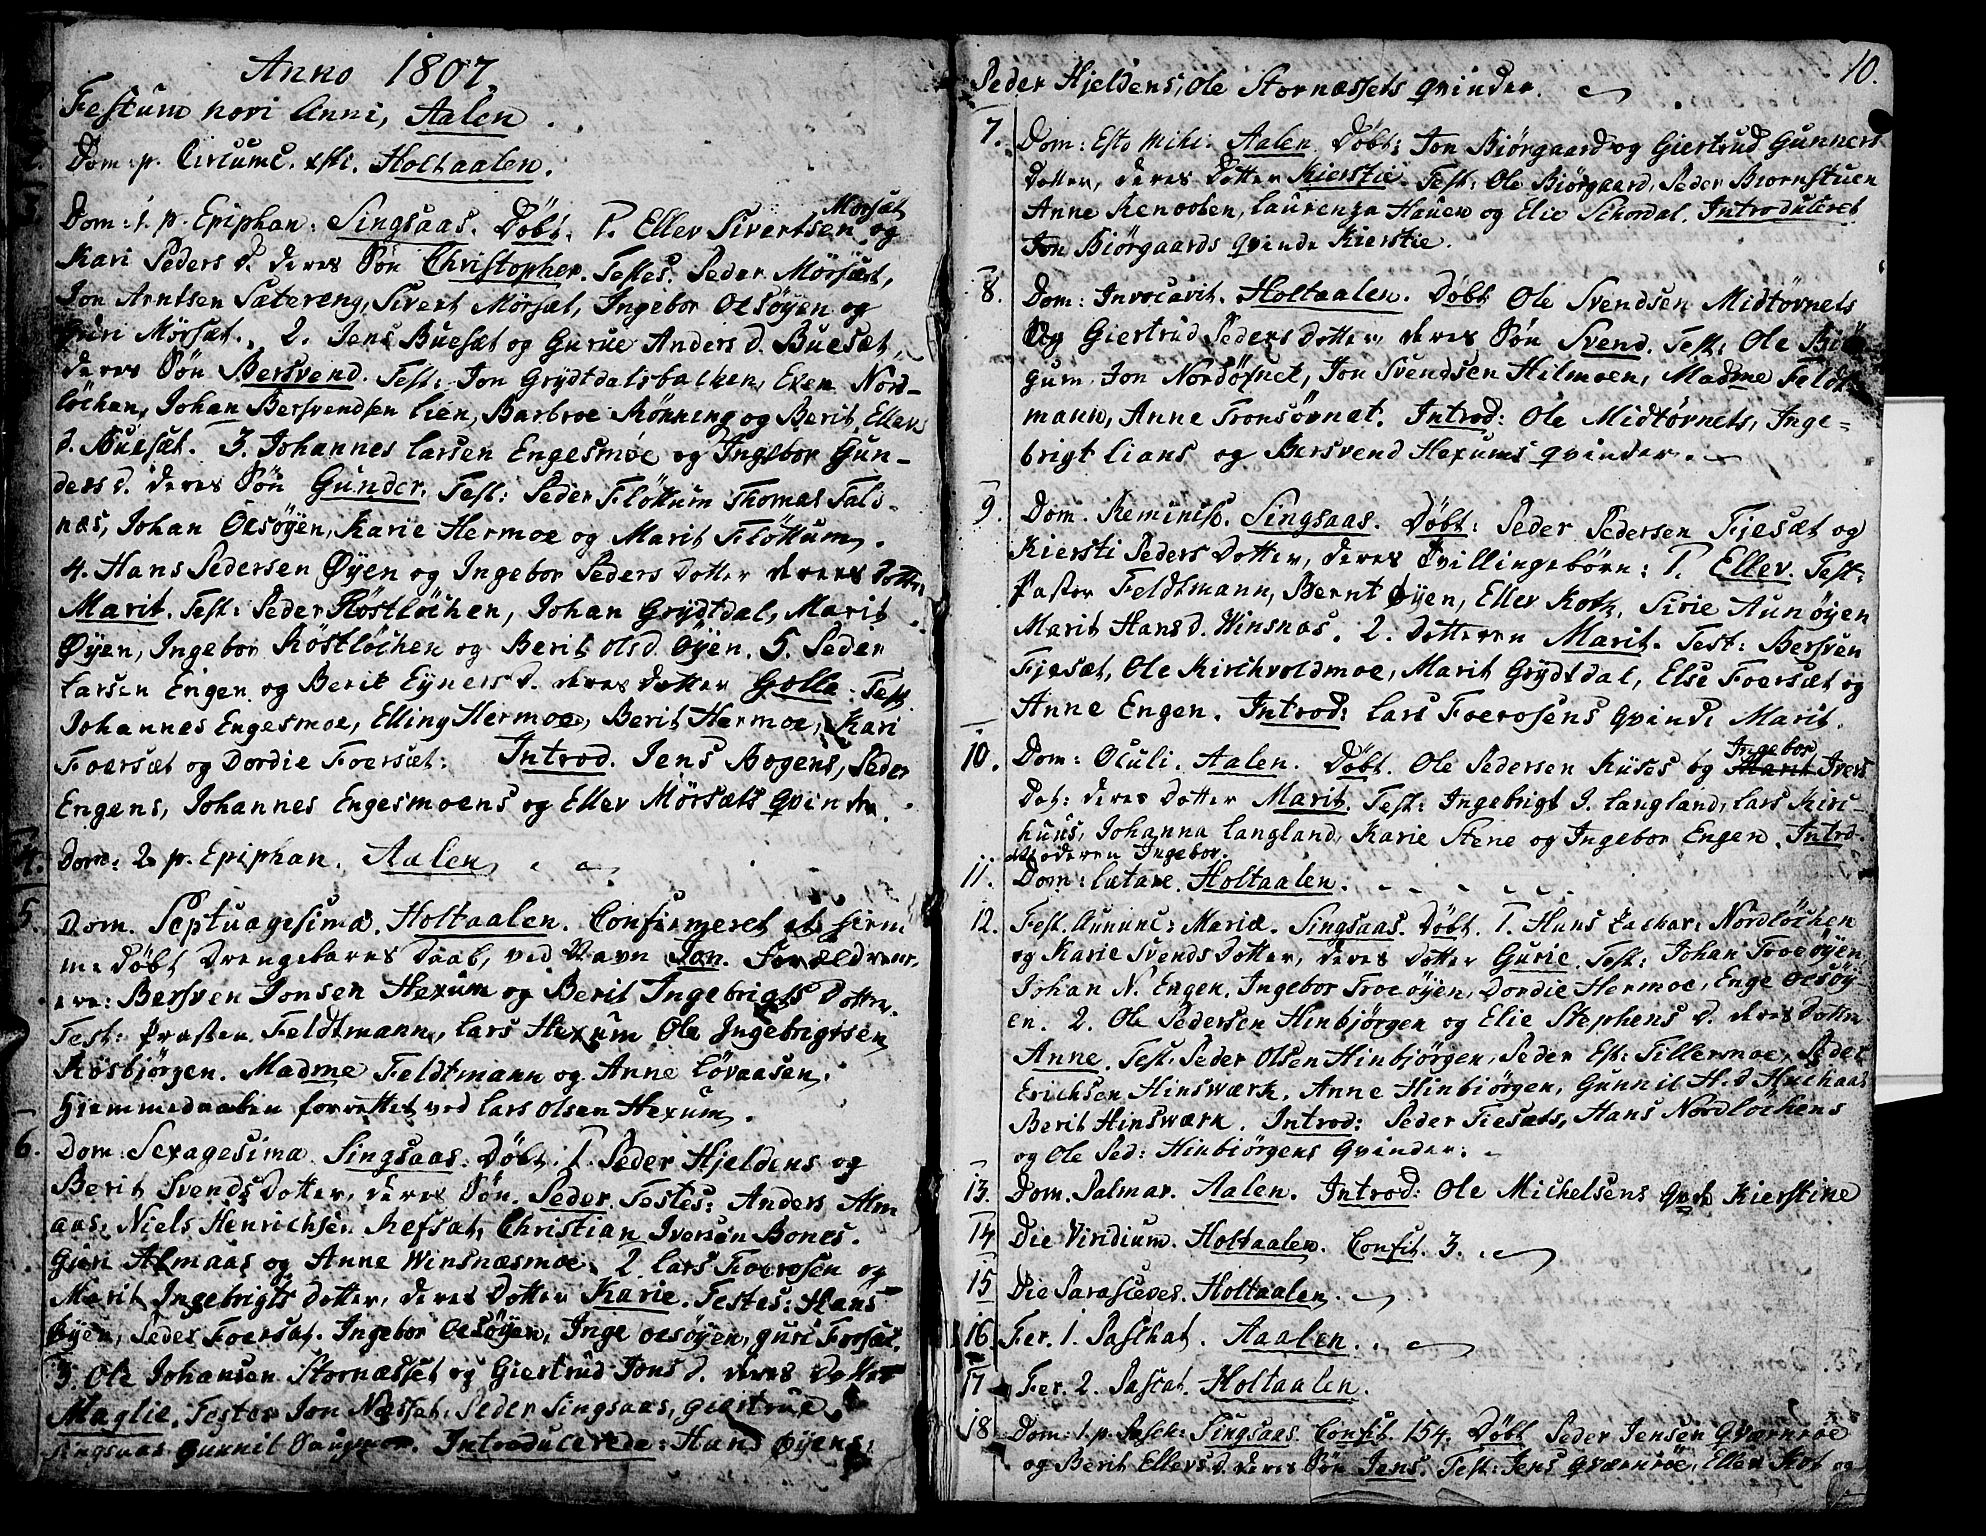 SAT, Ministerialprotokoller, klokkerbøker og fødselsregistre - Sør-Trøndelag, 685/L0953: Ministerialbok nr. 685A02, 1805-1816, s. 10